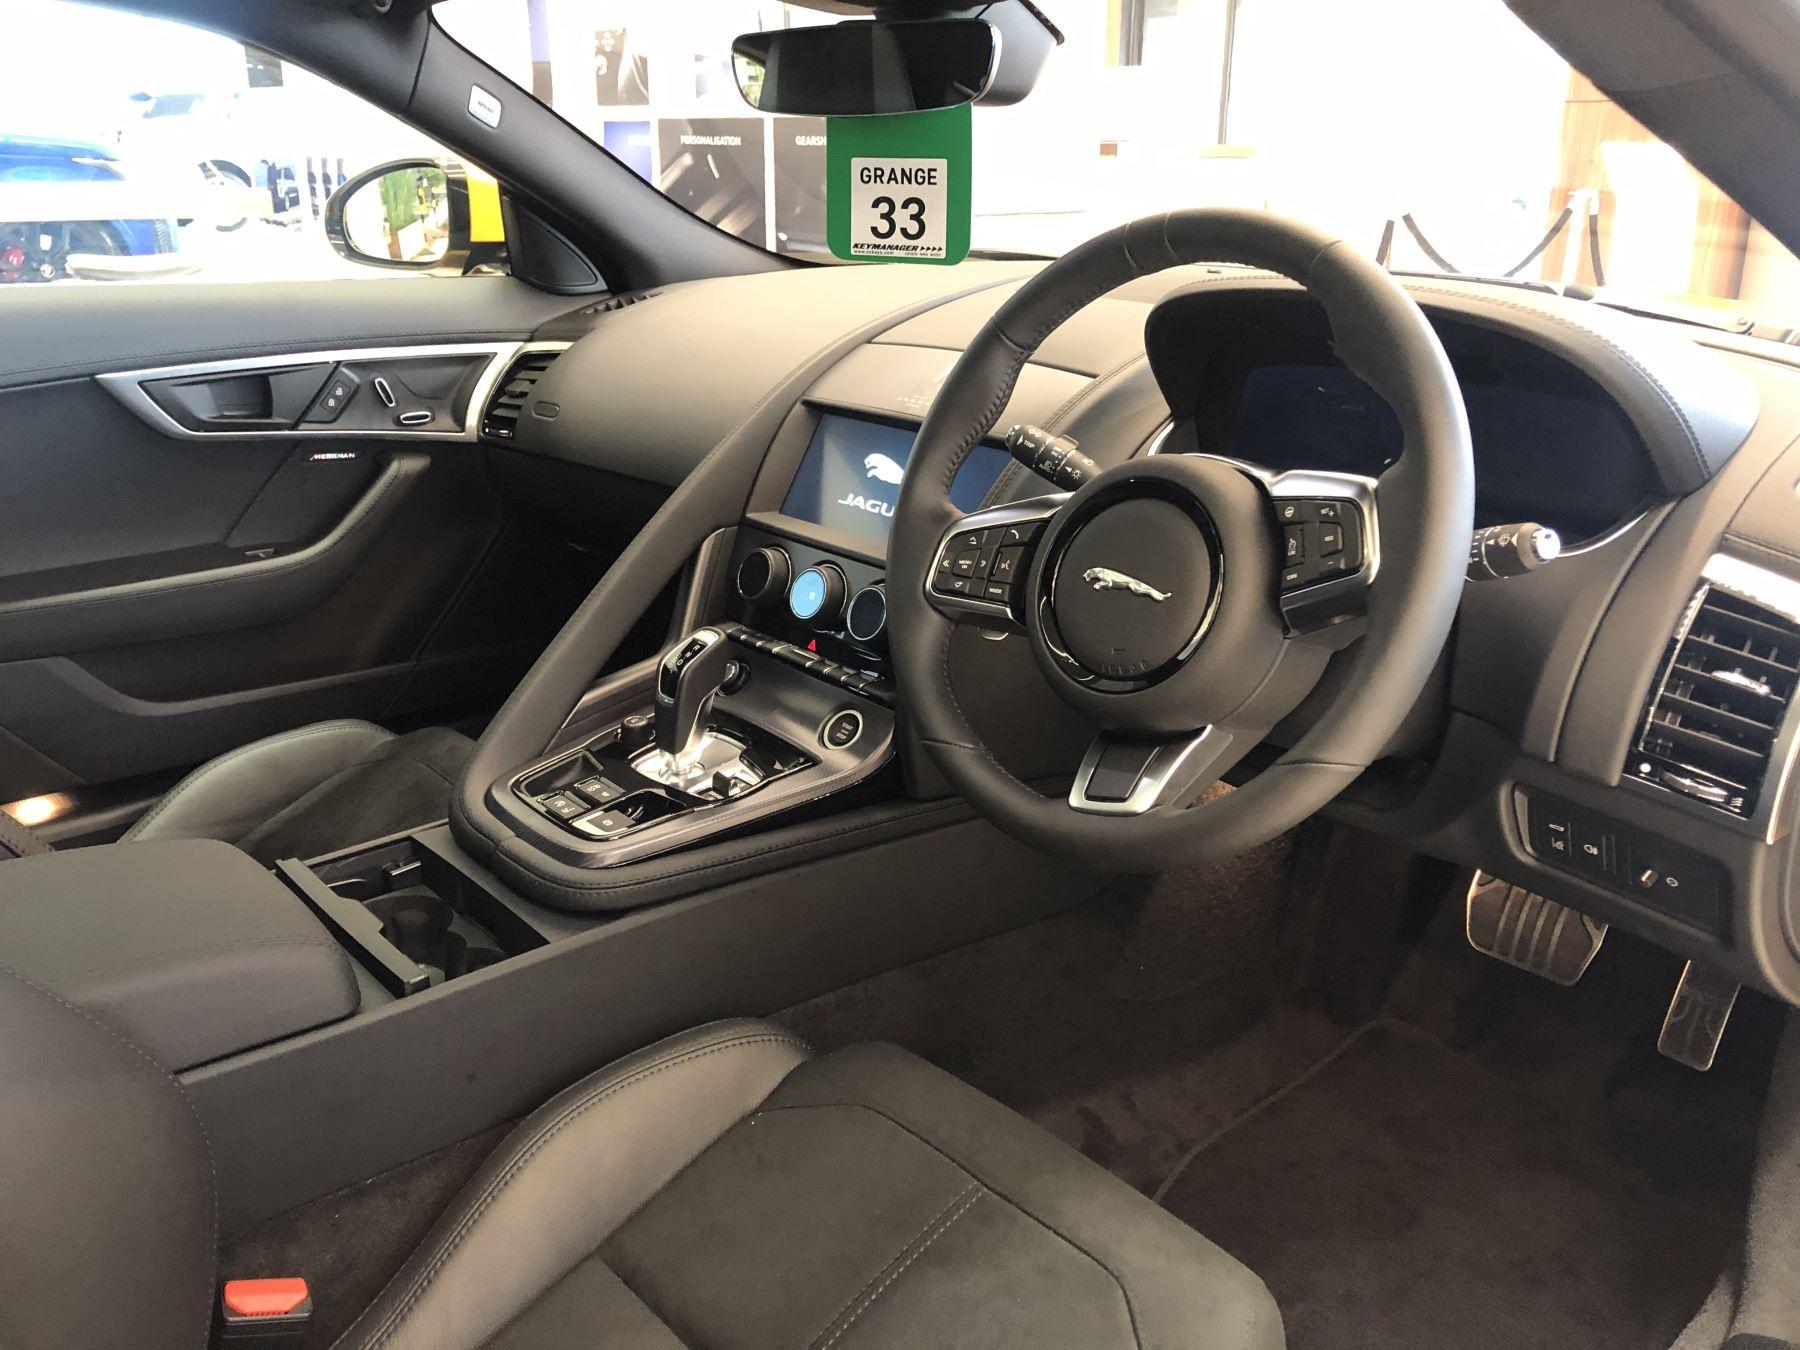 Jaguar F-TYPE 5.0 P450 Supercharged V8 R-Dynamic image 7